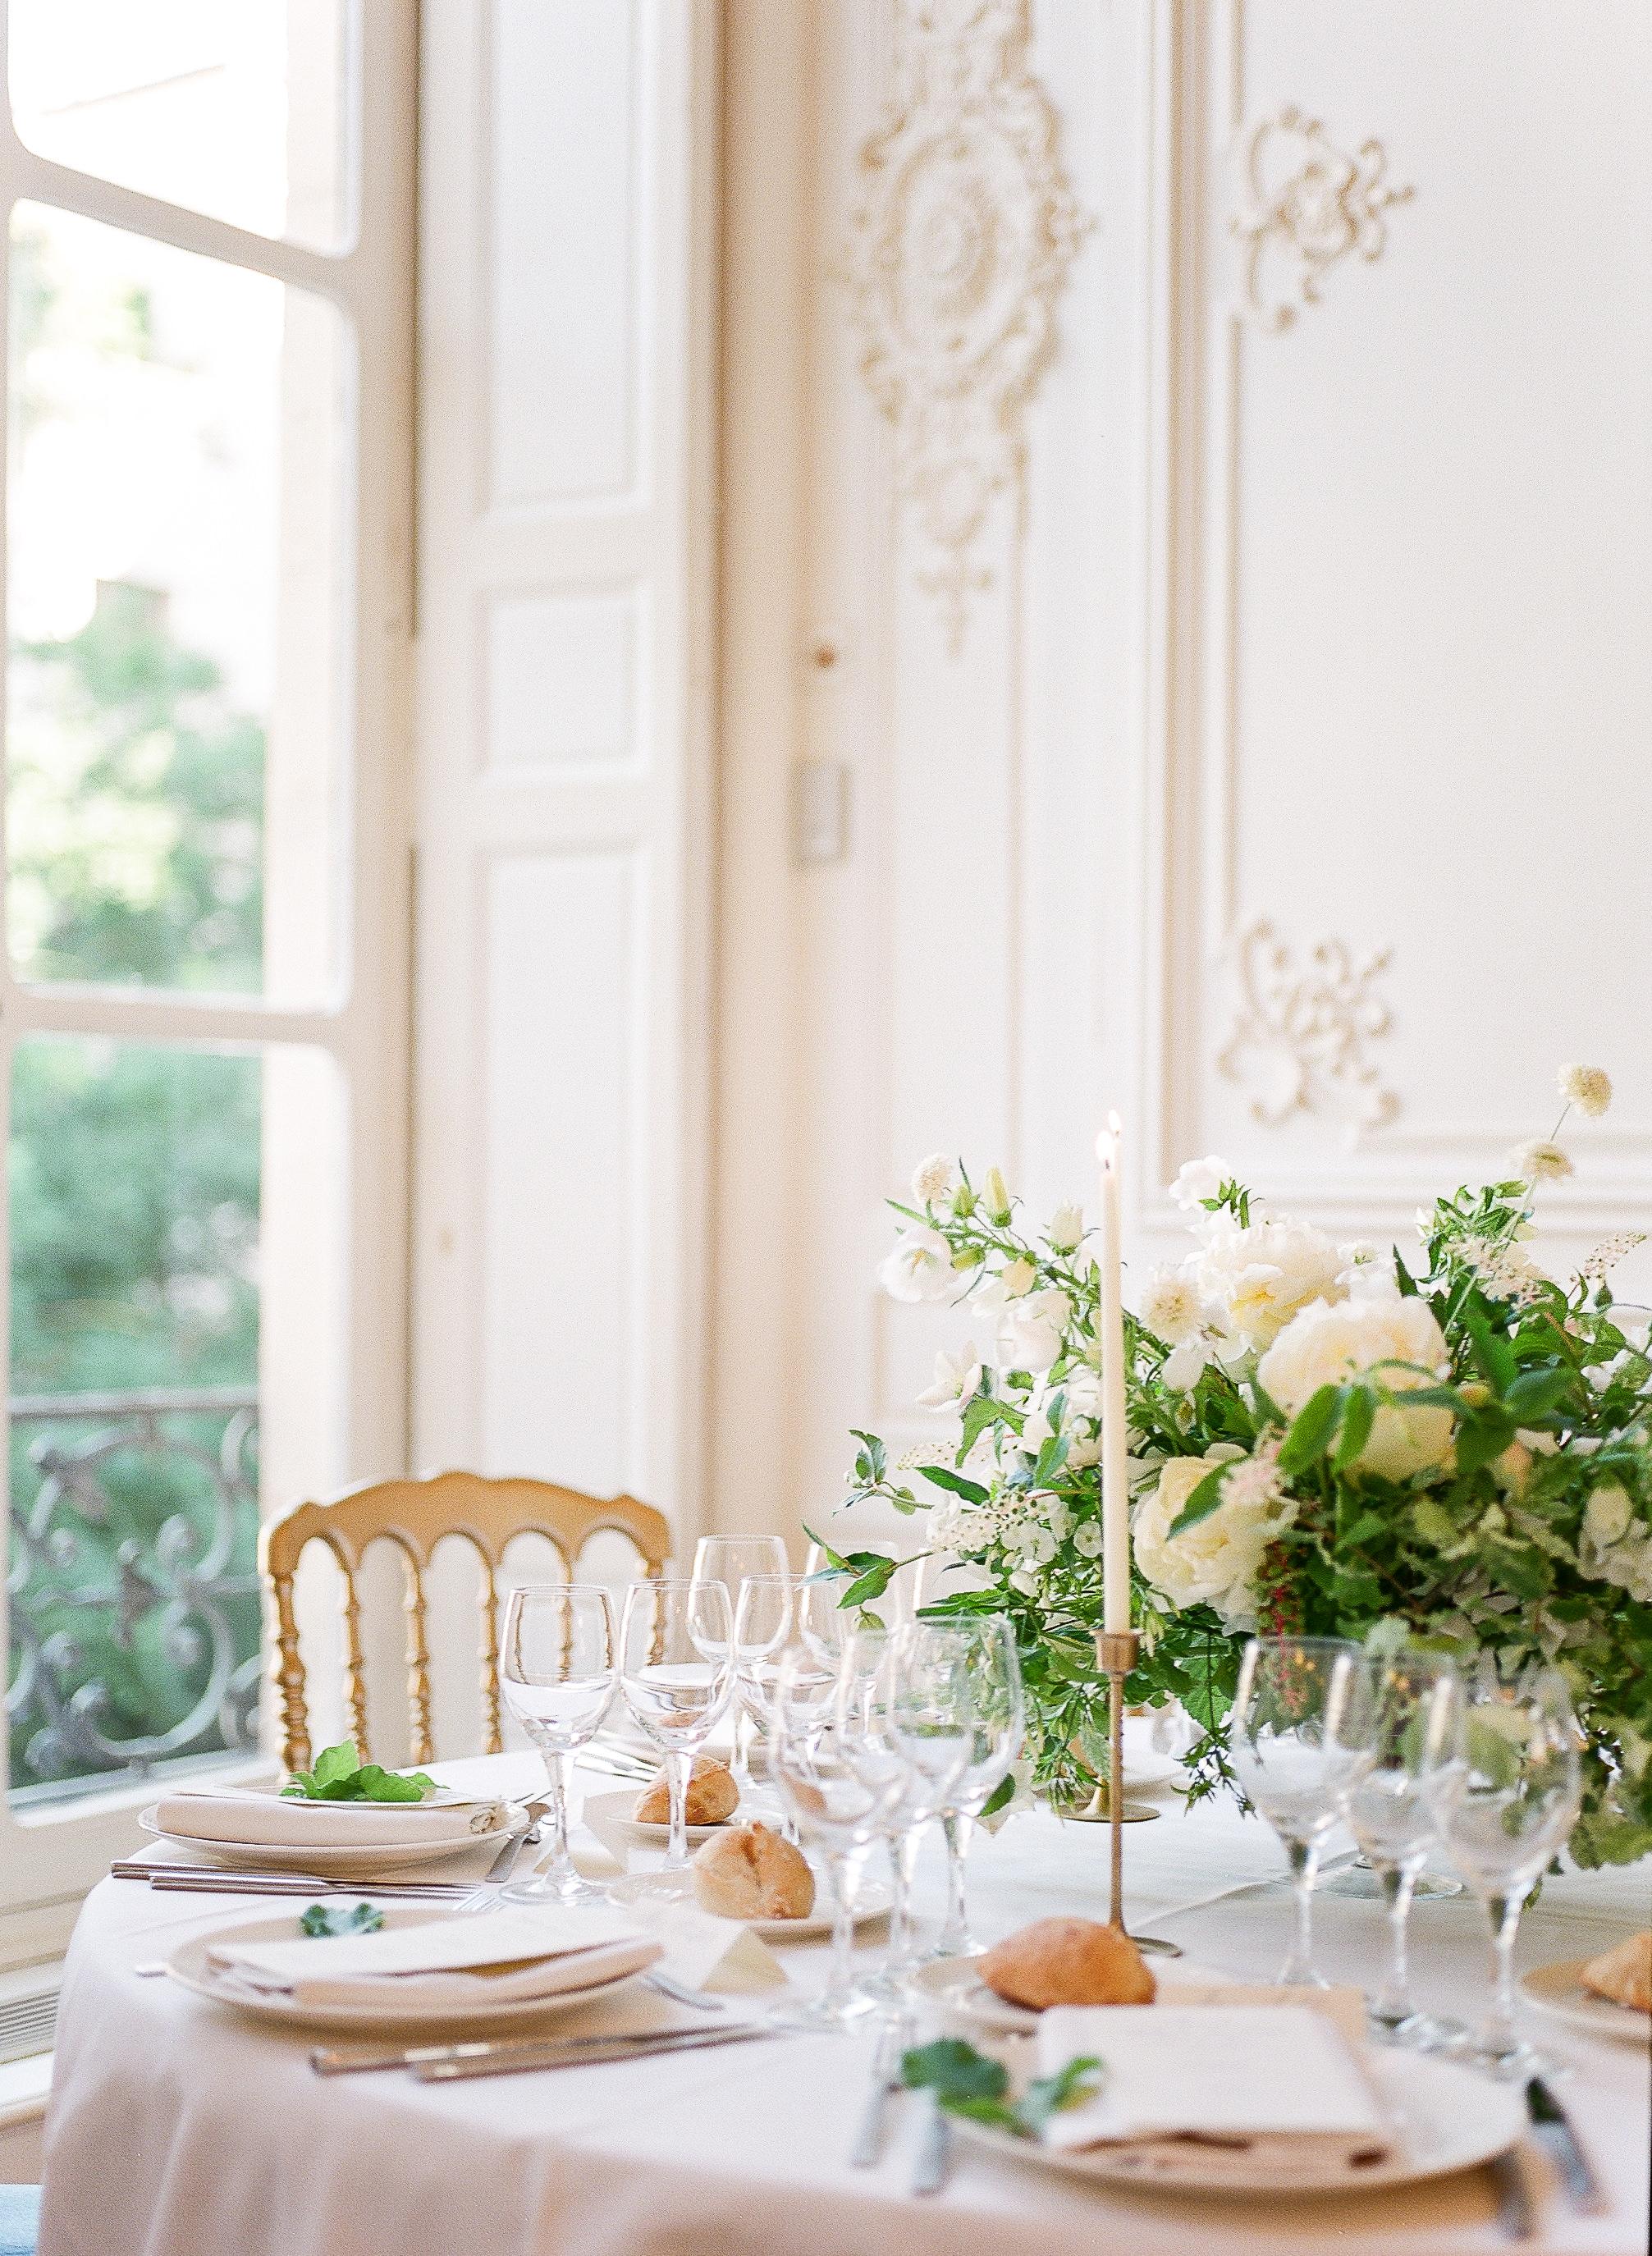 maison-de-polytechniciens-wedding-florist-paris-france.jpg